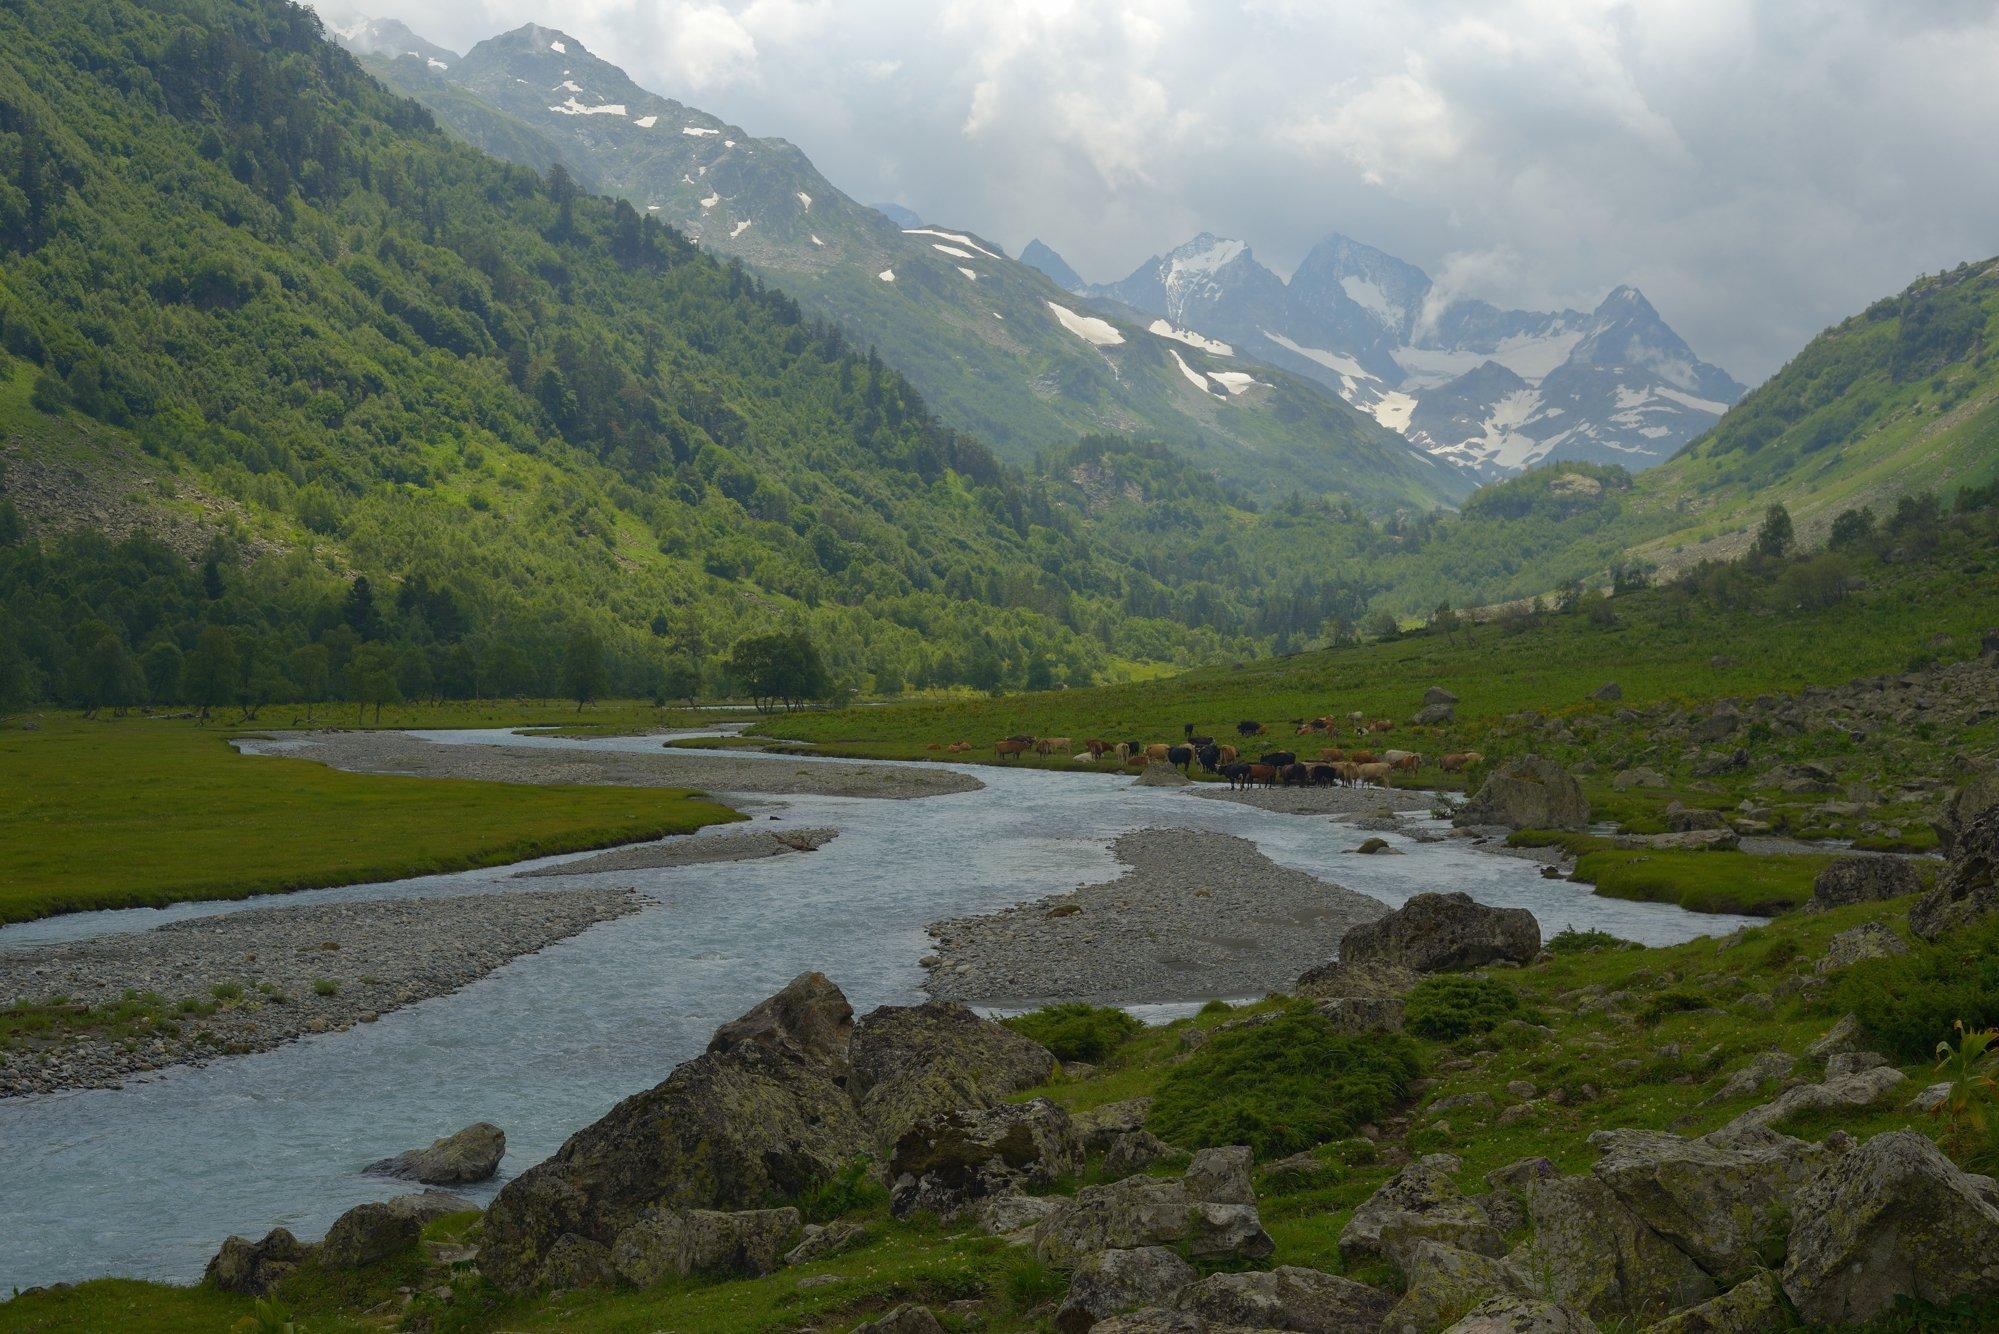 горы лето кавказ река  маруха, Александр Жарников